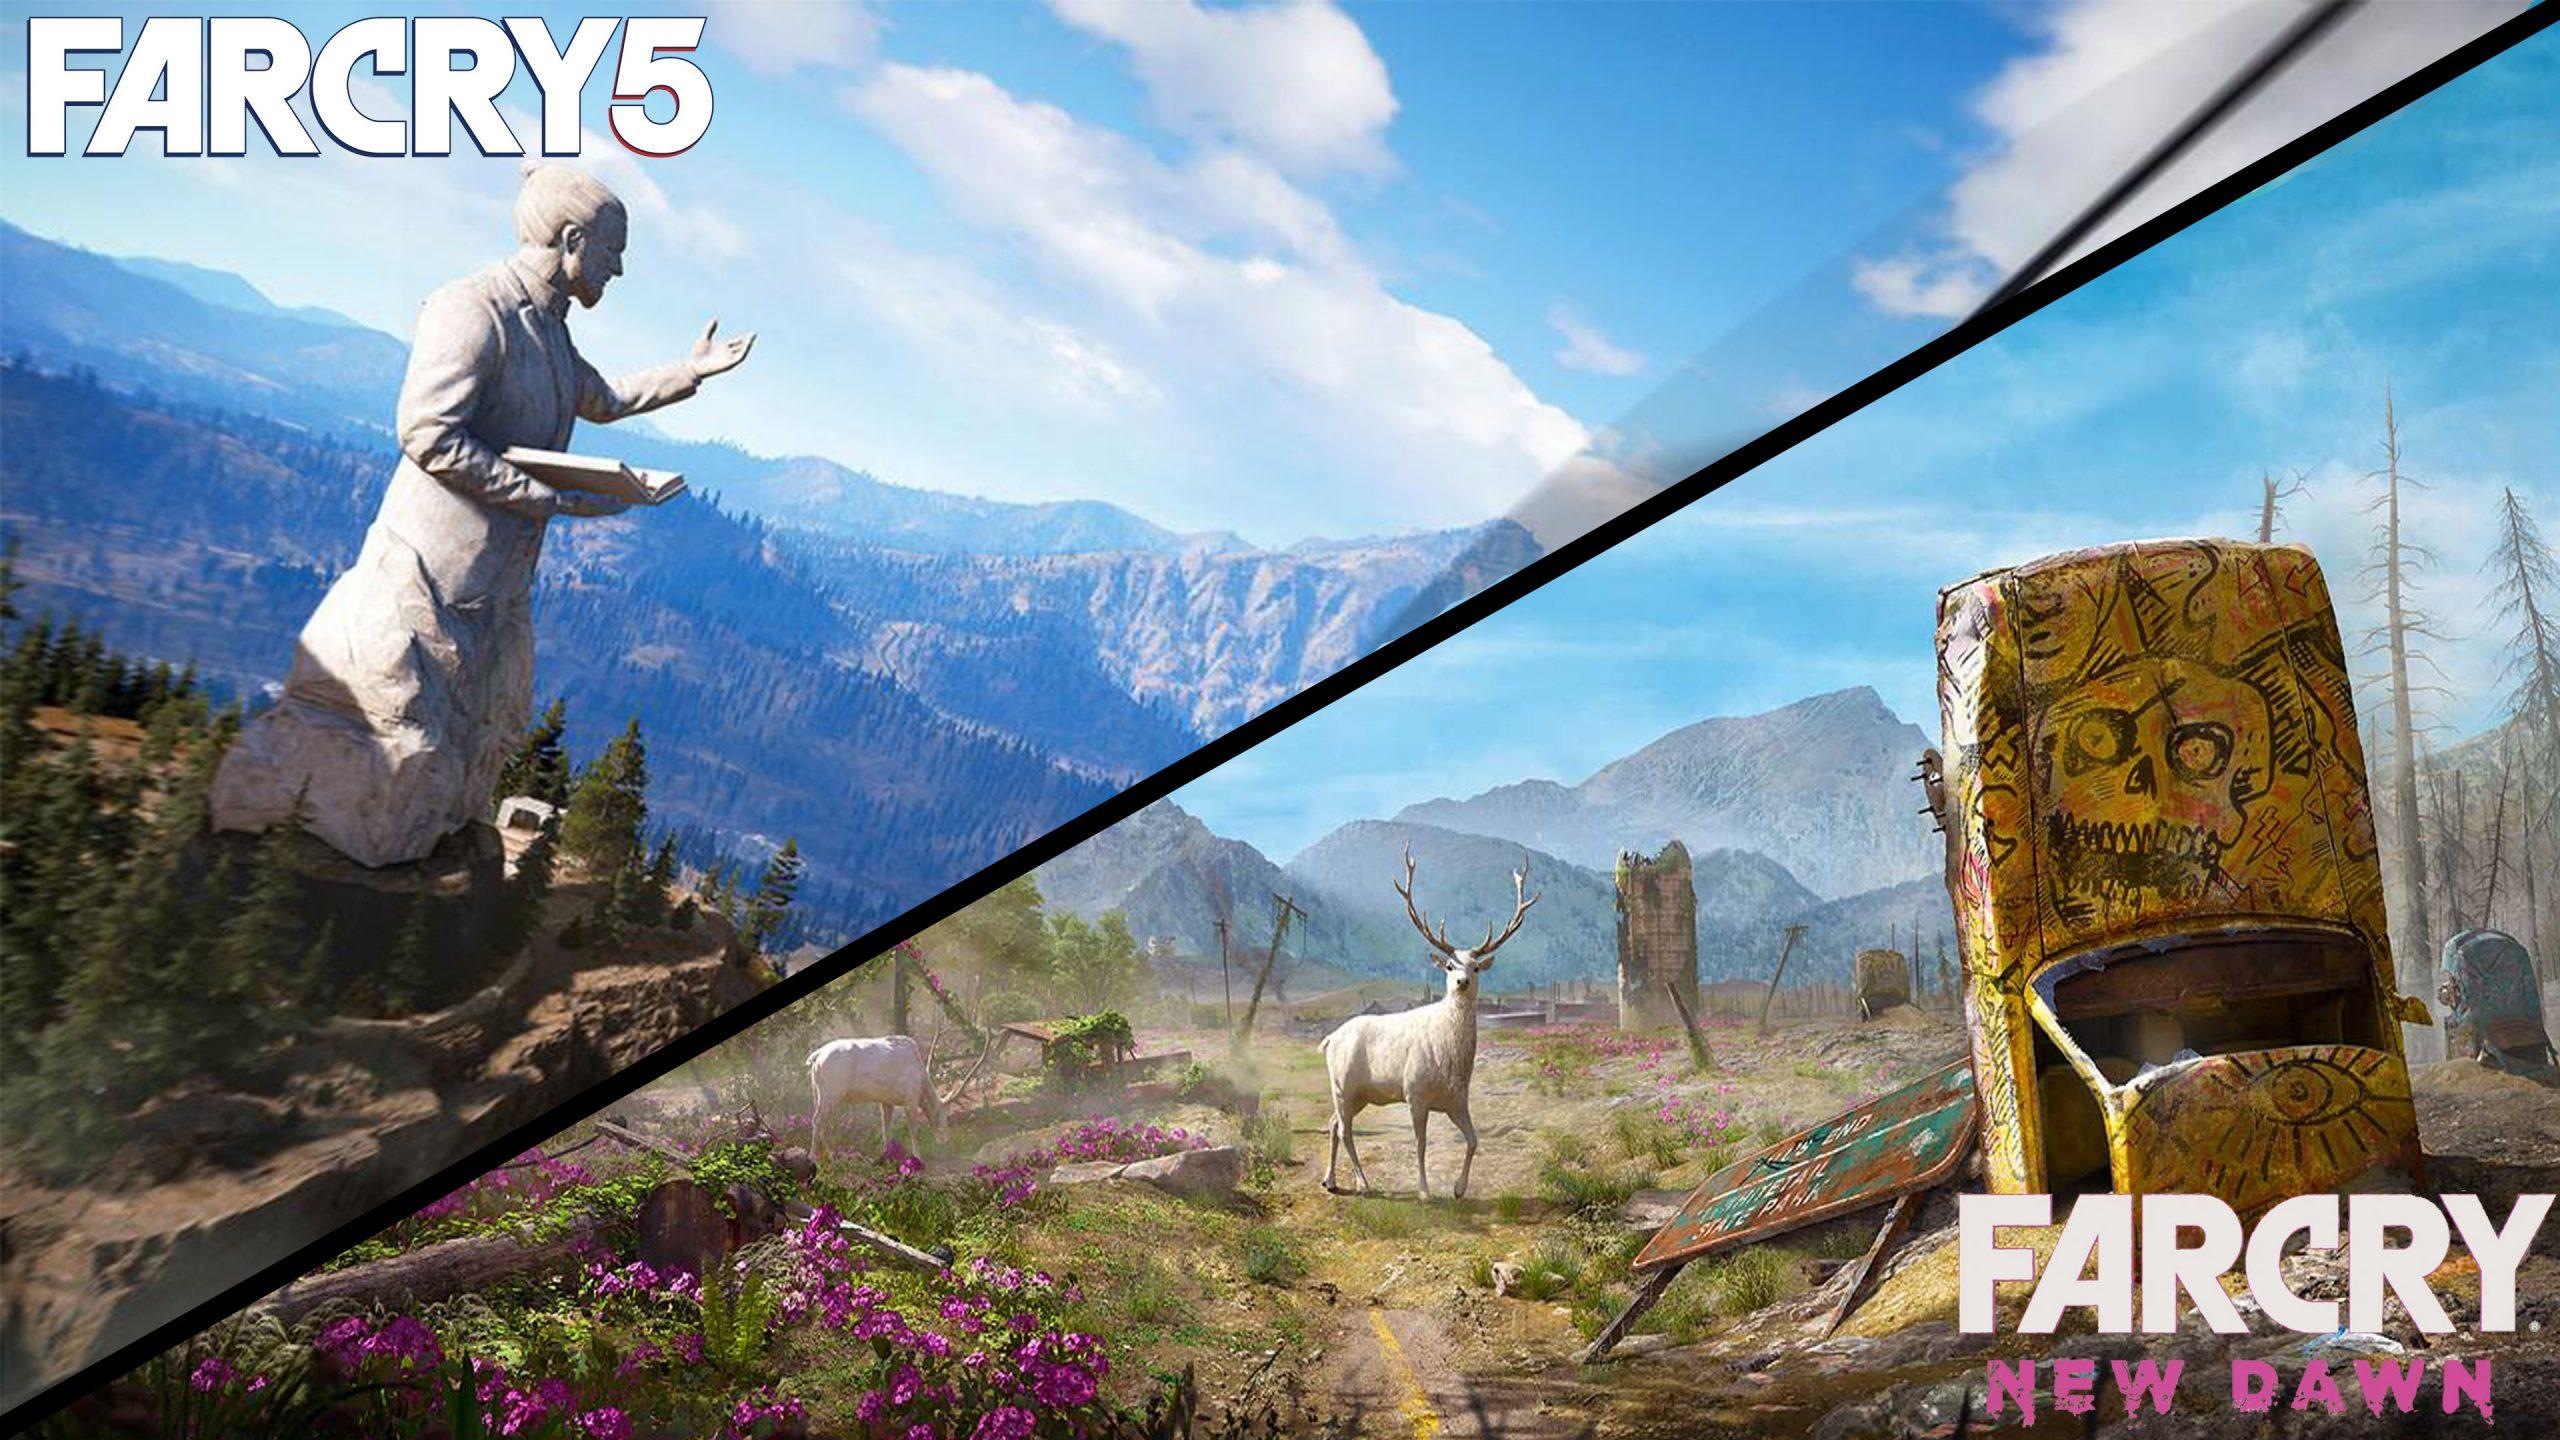 Muestran un vídeo de comparación entre Far Cry 5 y Far Cry New Dawn.